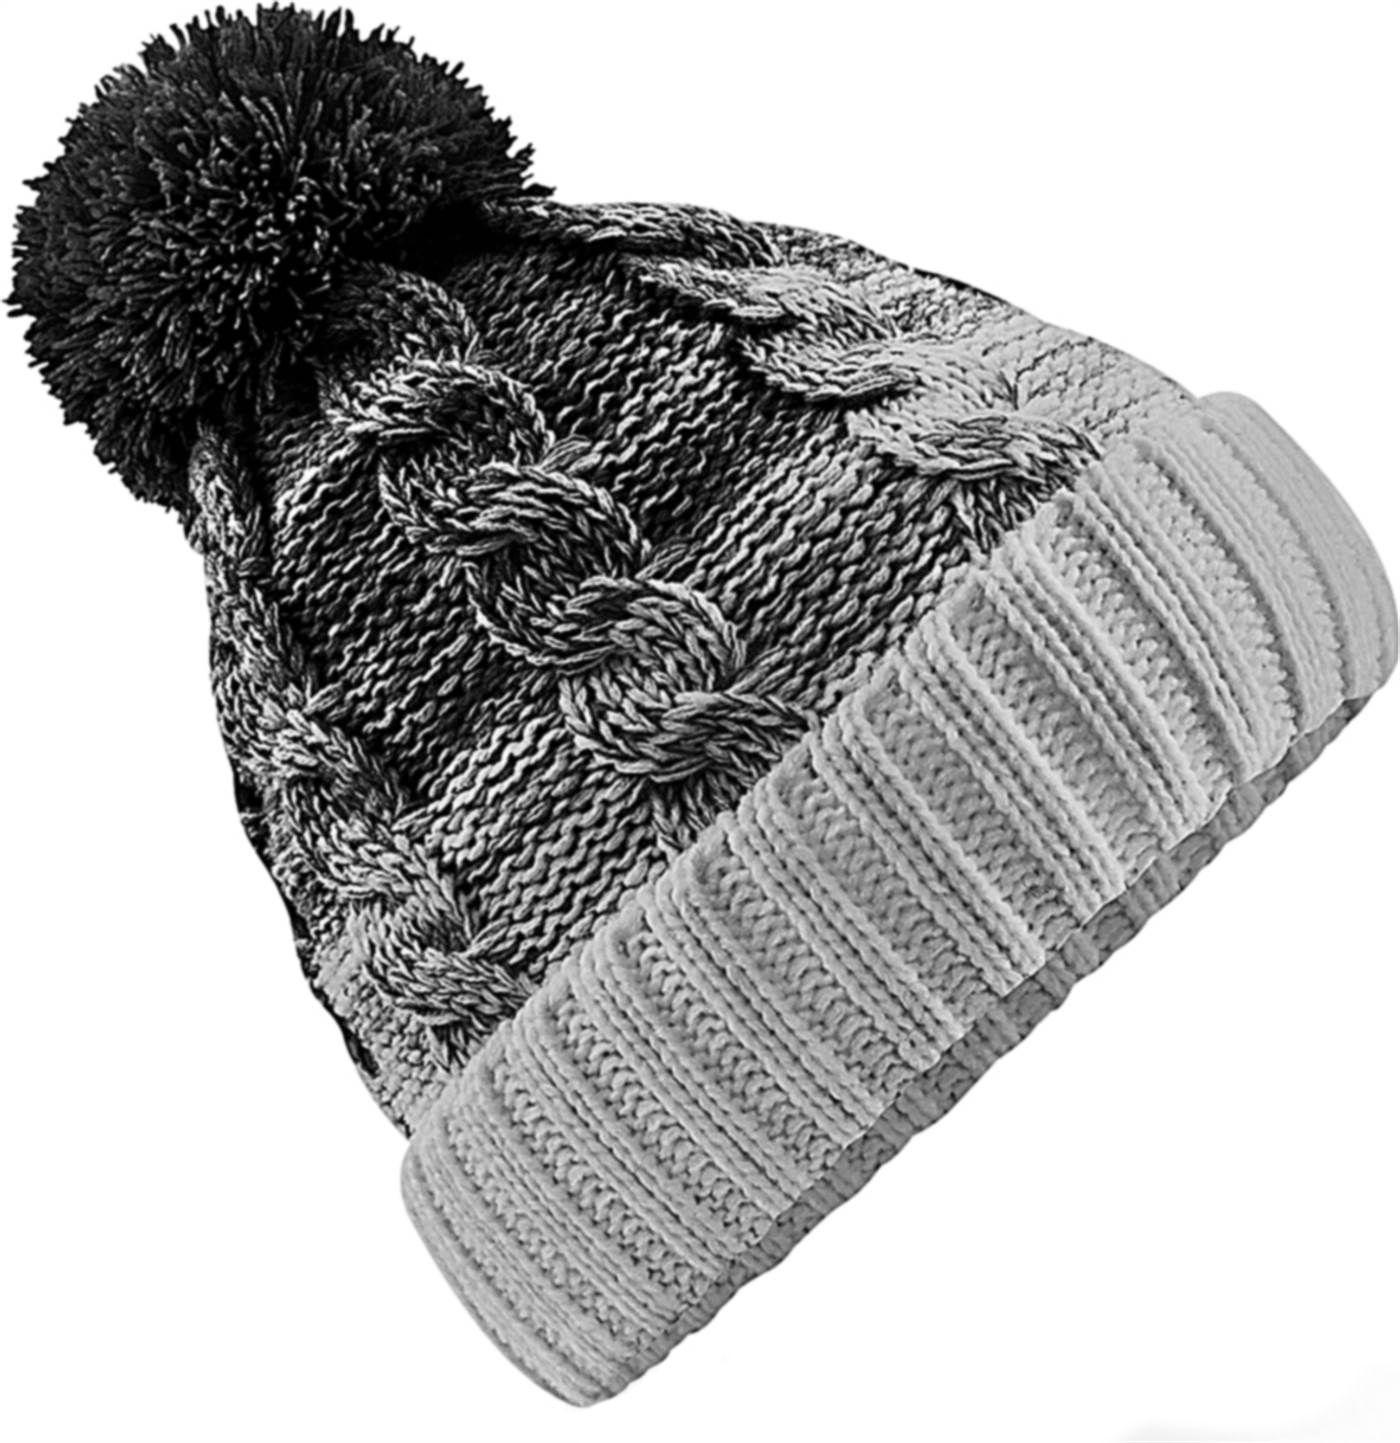 Winter Mütze Strickmütze Bommelmütze Wintermütze mit Bommel Damen und Herren